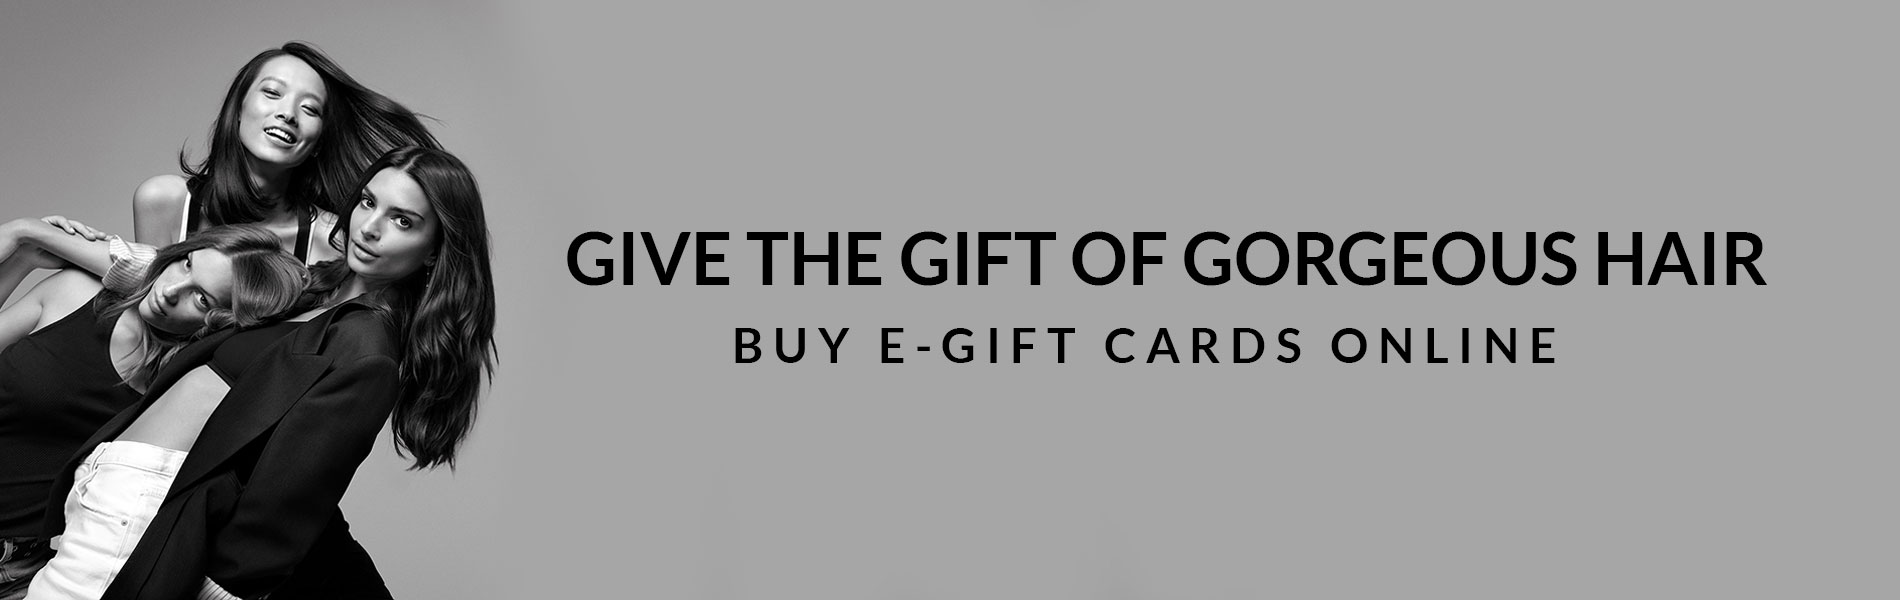 Buy e Gift Cards Online banner